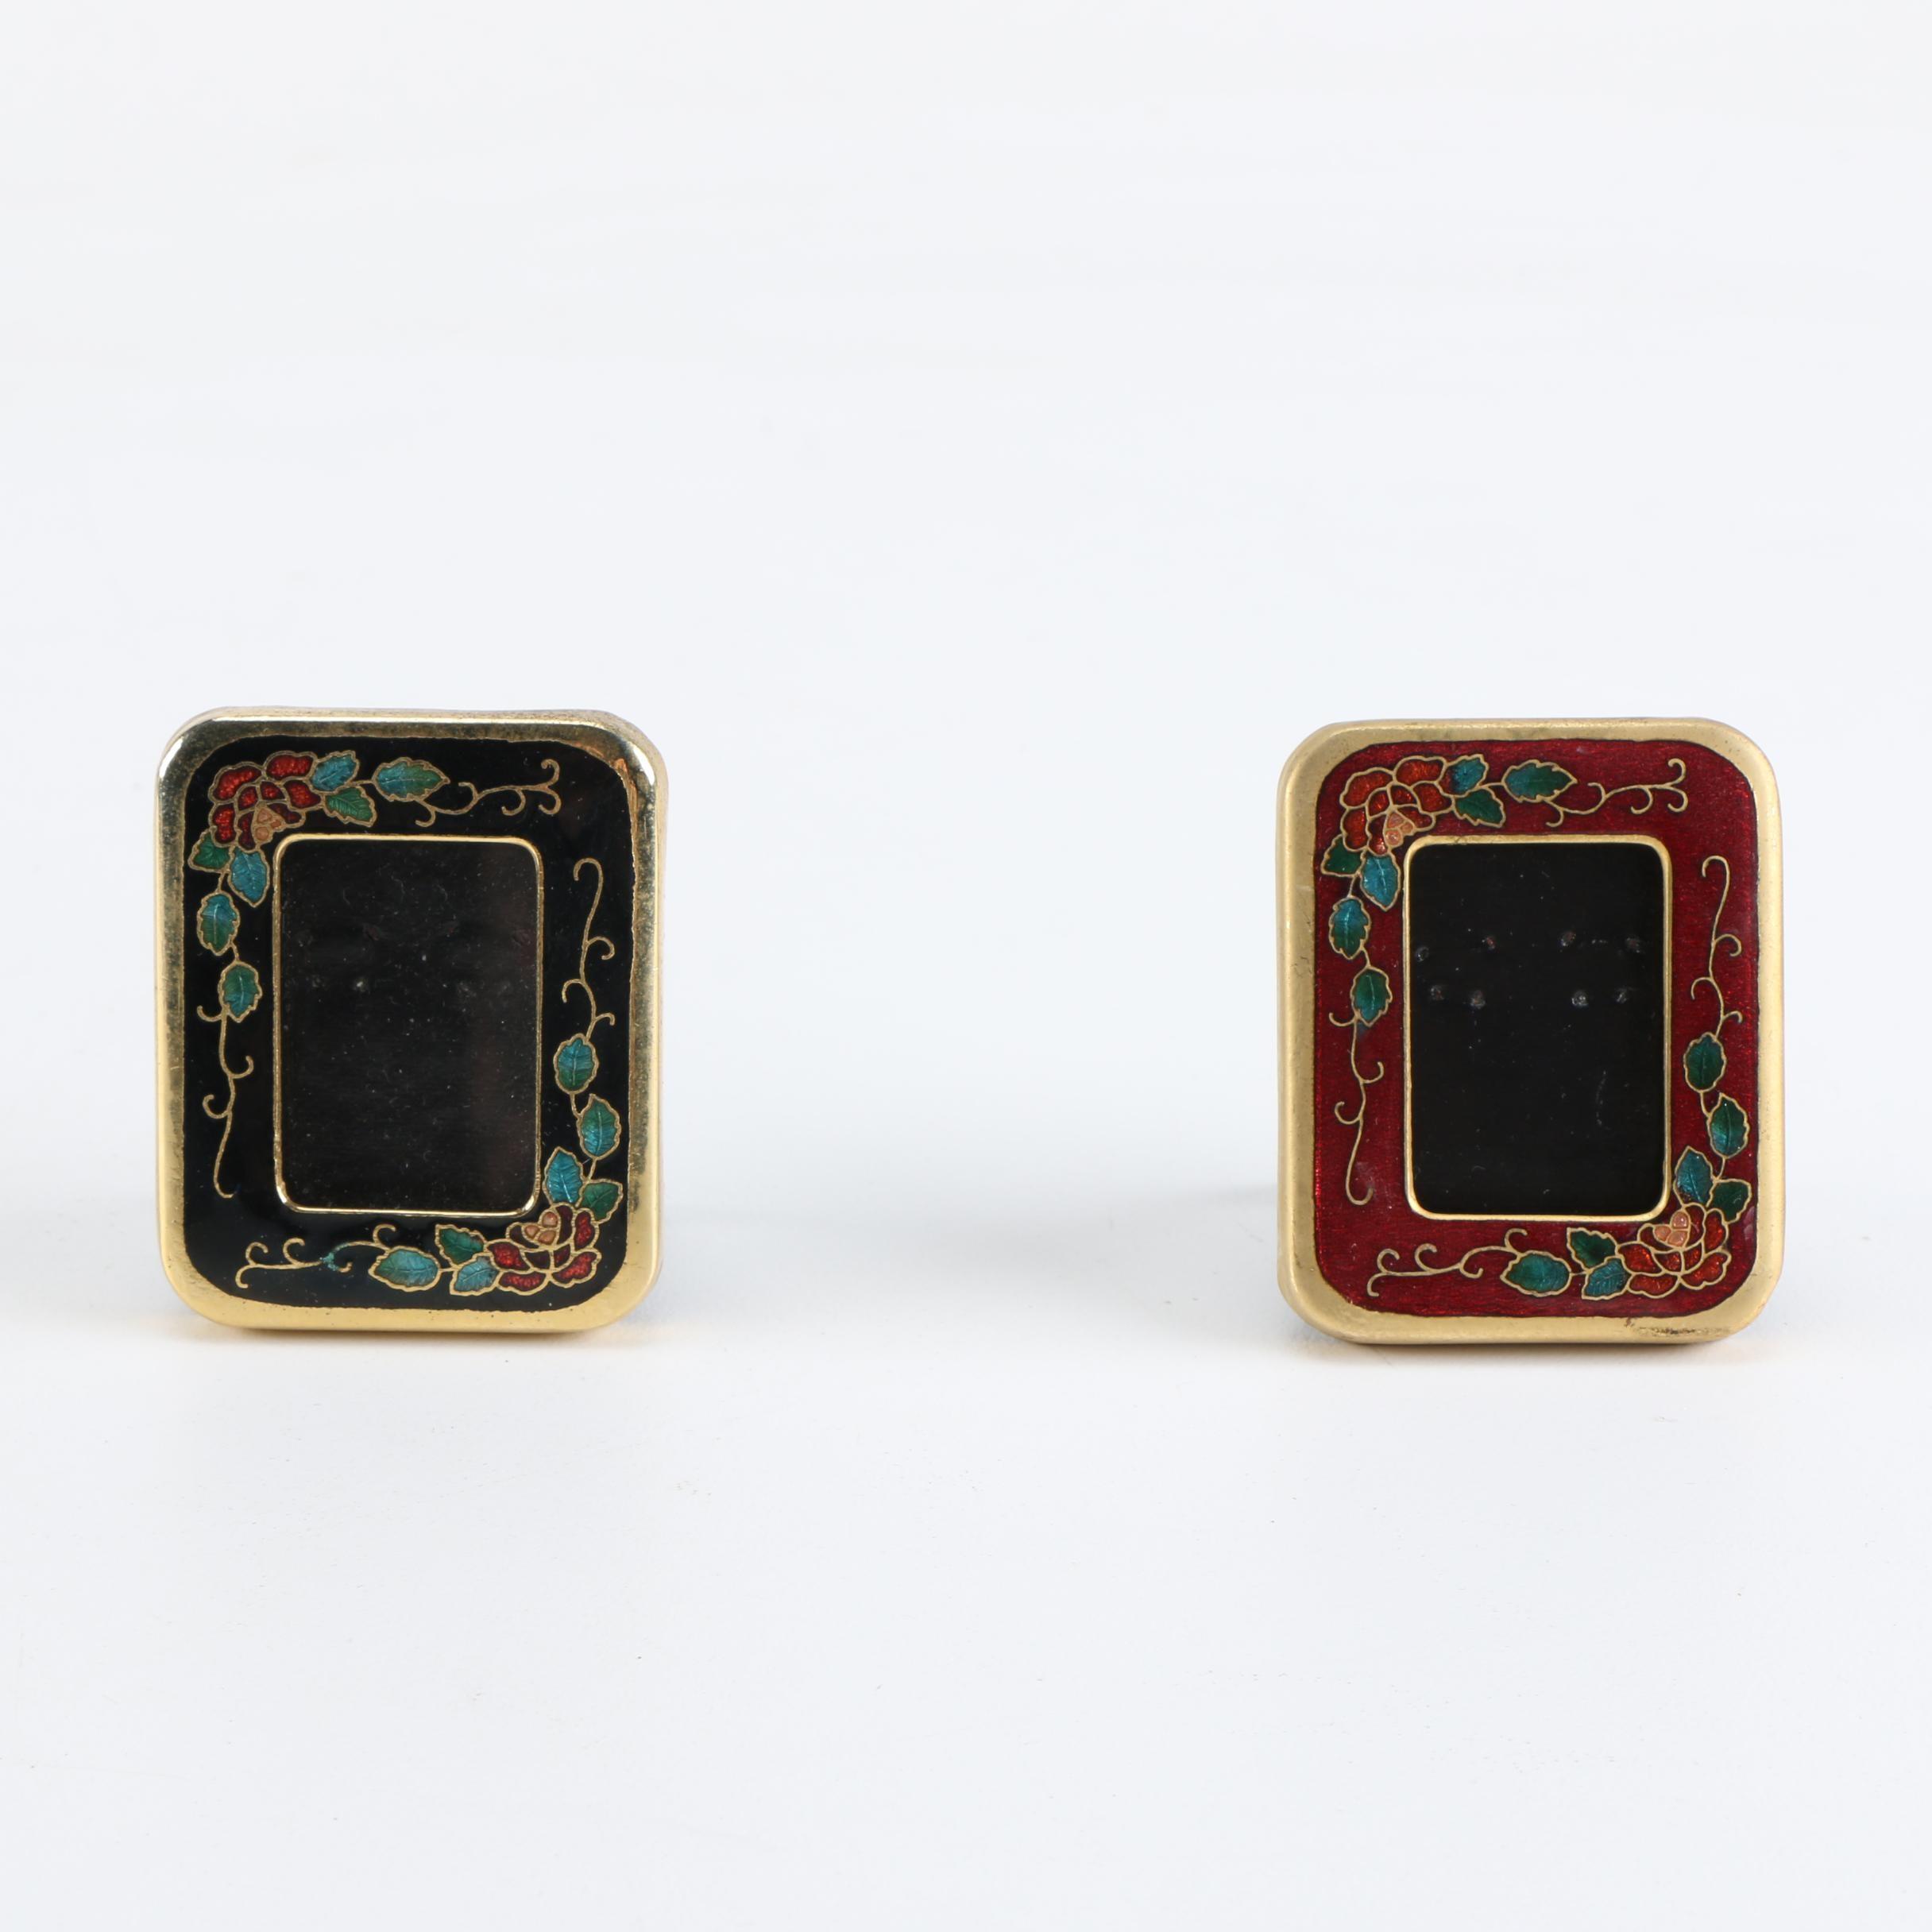 Miniature Cloisonne Picture Frames